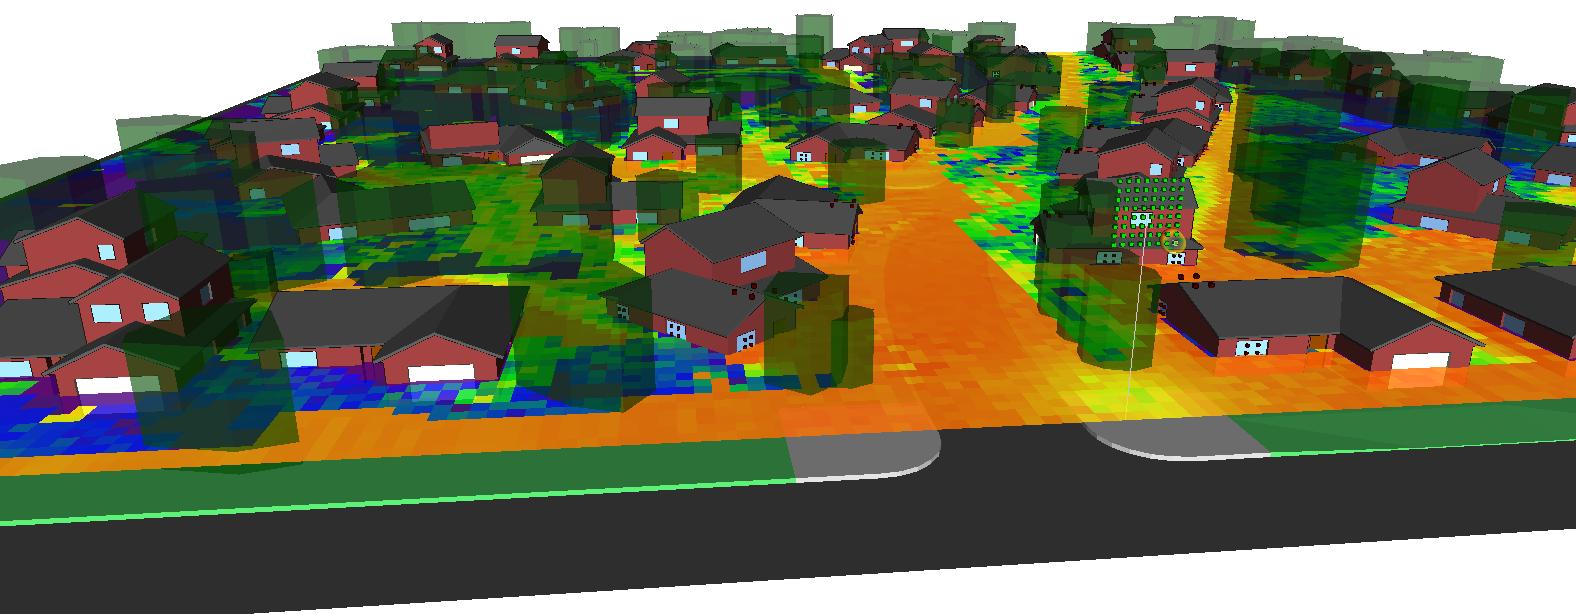 树木和房屋的阴影会显著影响附近的覆盖范围